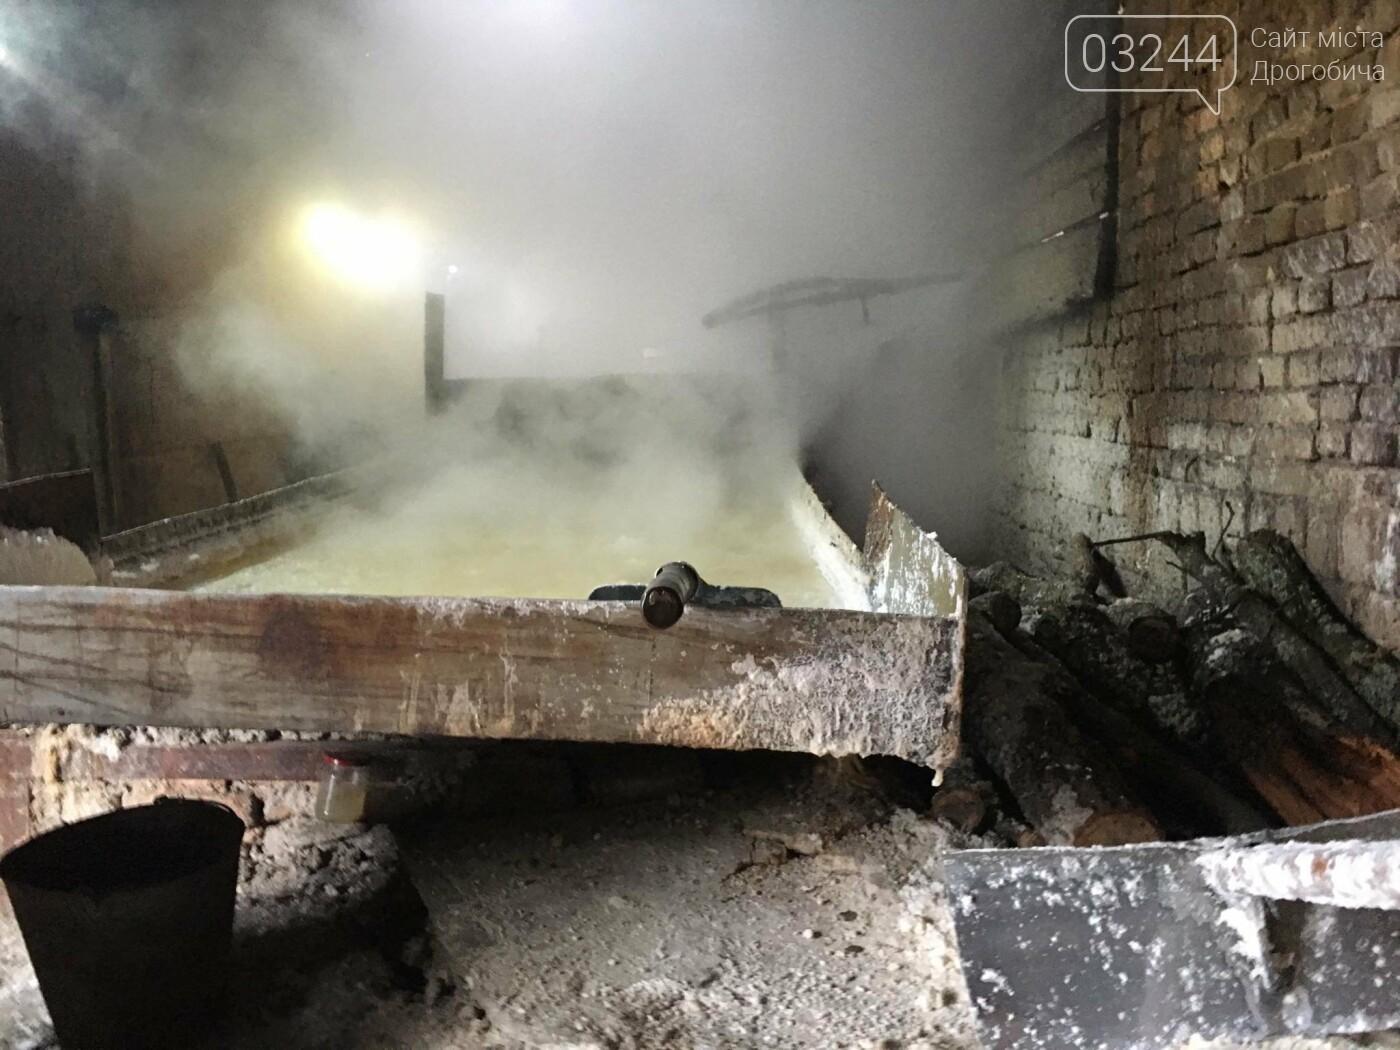 Дрогобицька солеварня стала - на складах надлишок продукції солі! Працівники у вимушених відпустках, фото-1